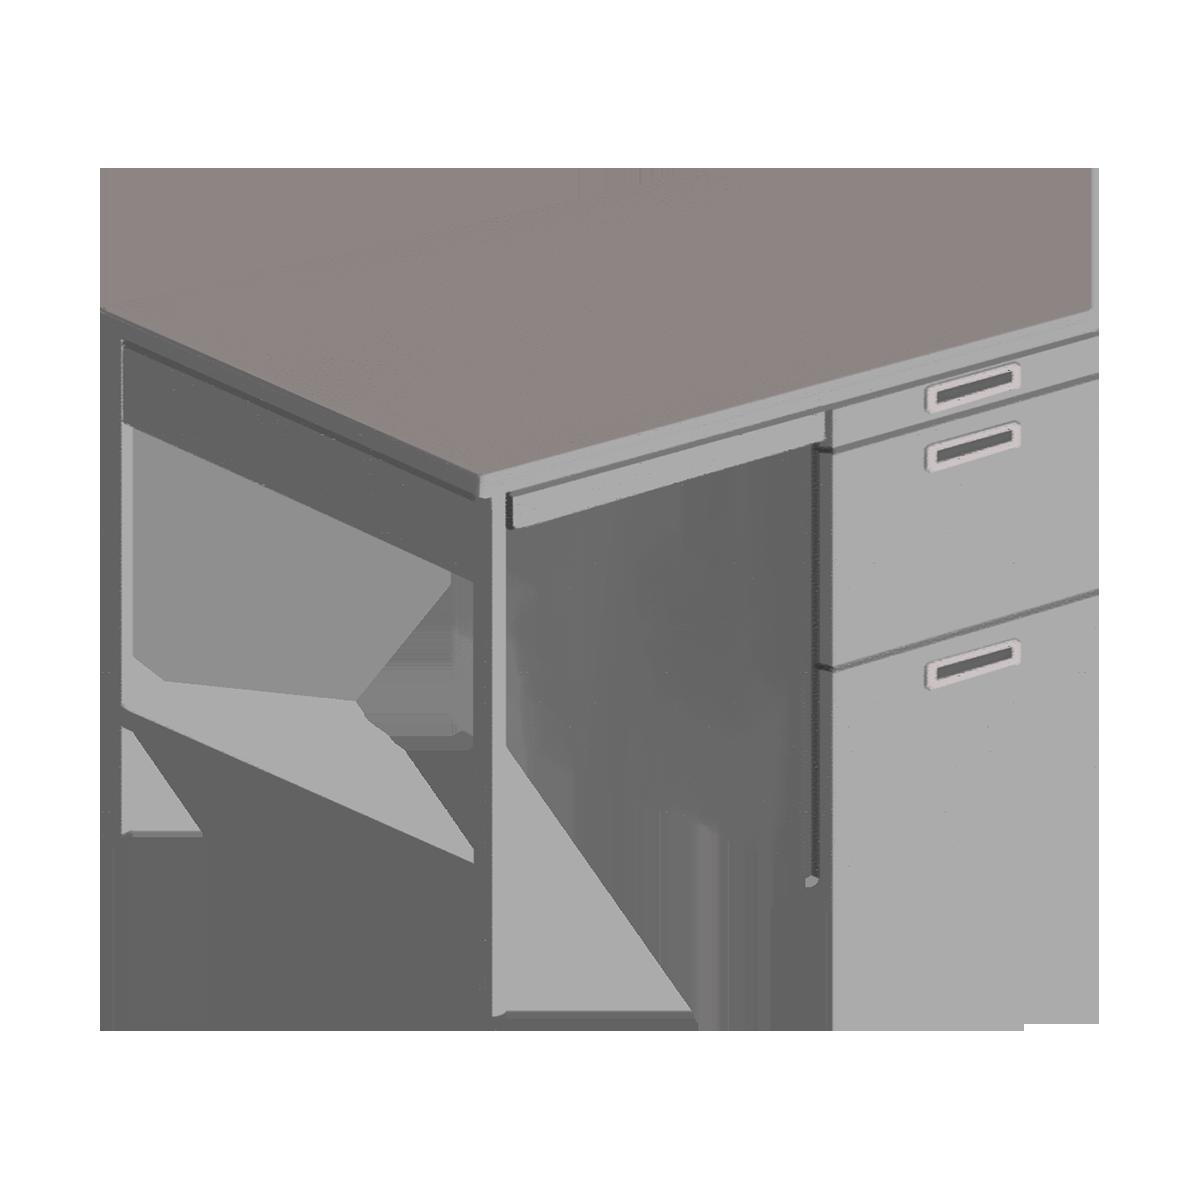 オフィスや店舗の什器・家具類